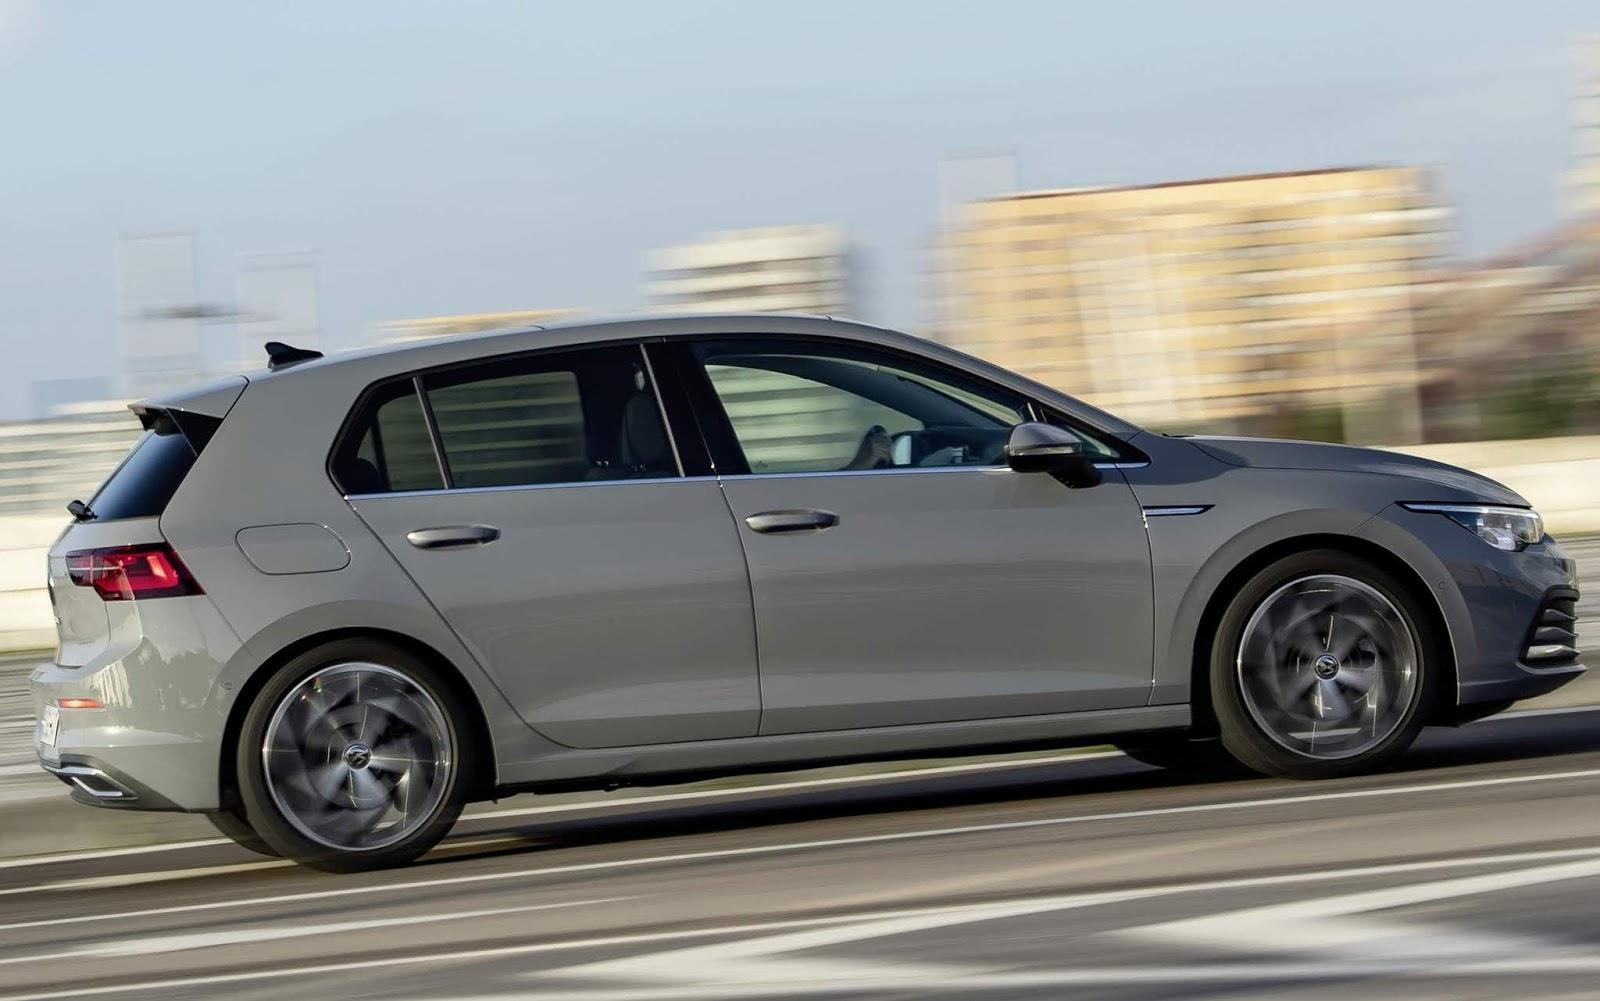 vw golf 2020 mk8 diesel está mais limpo e econômico | car